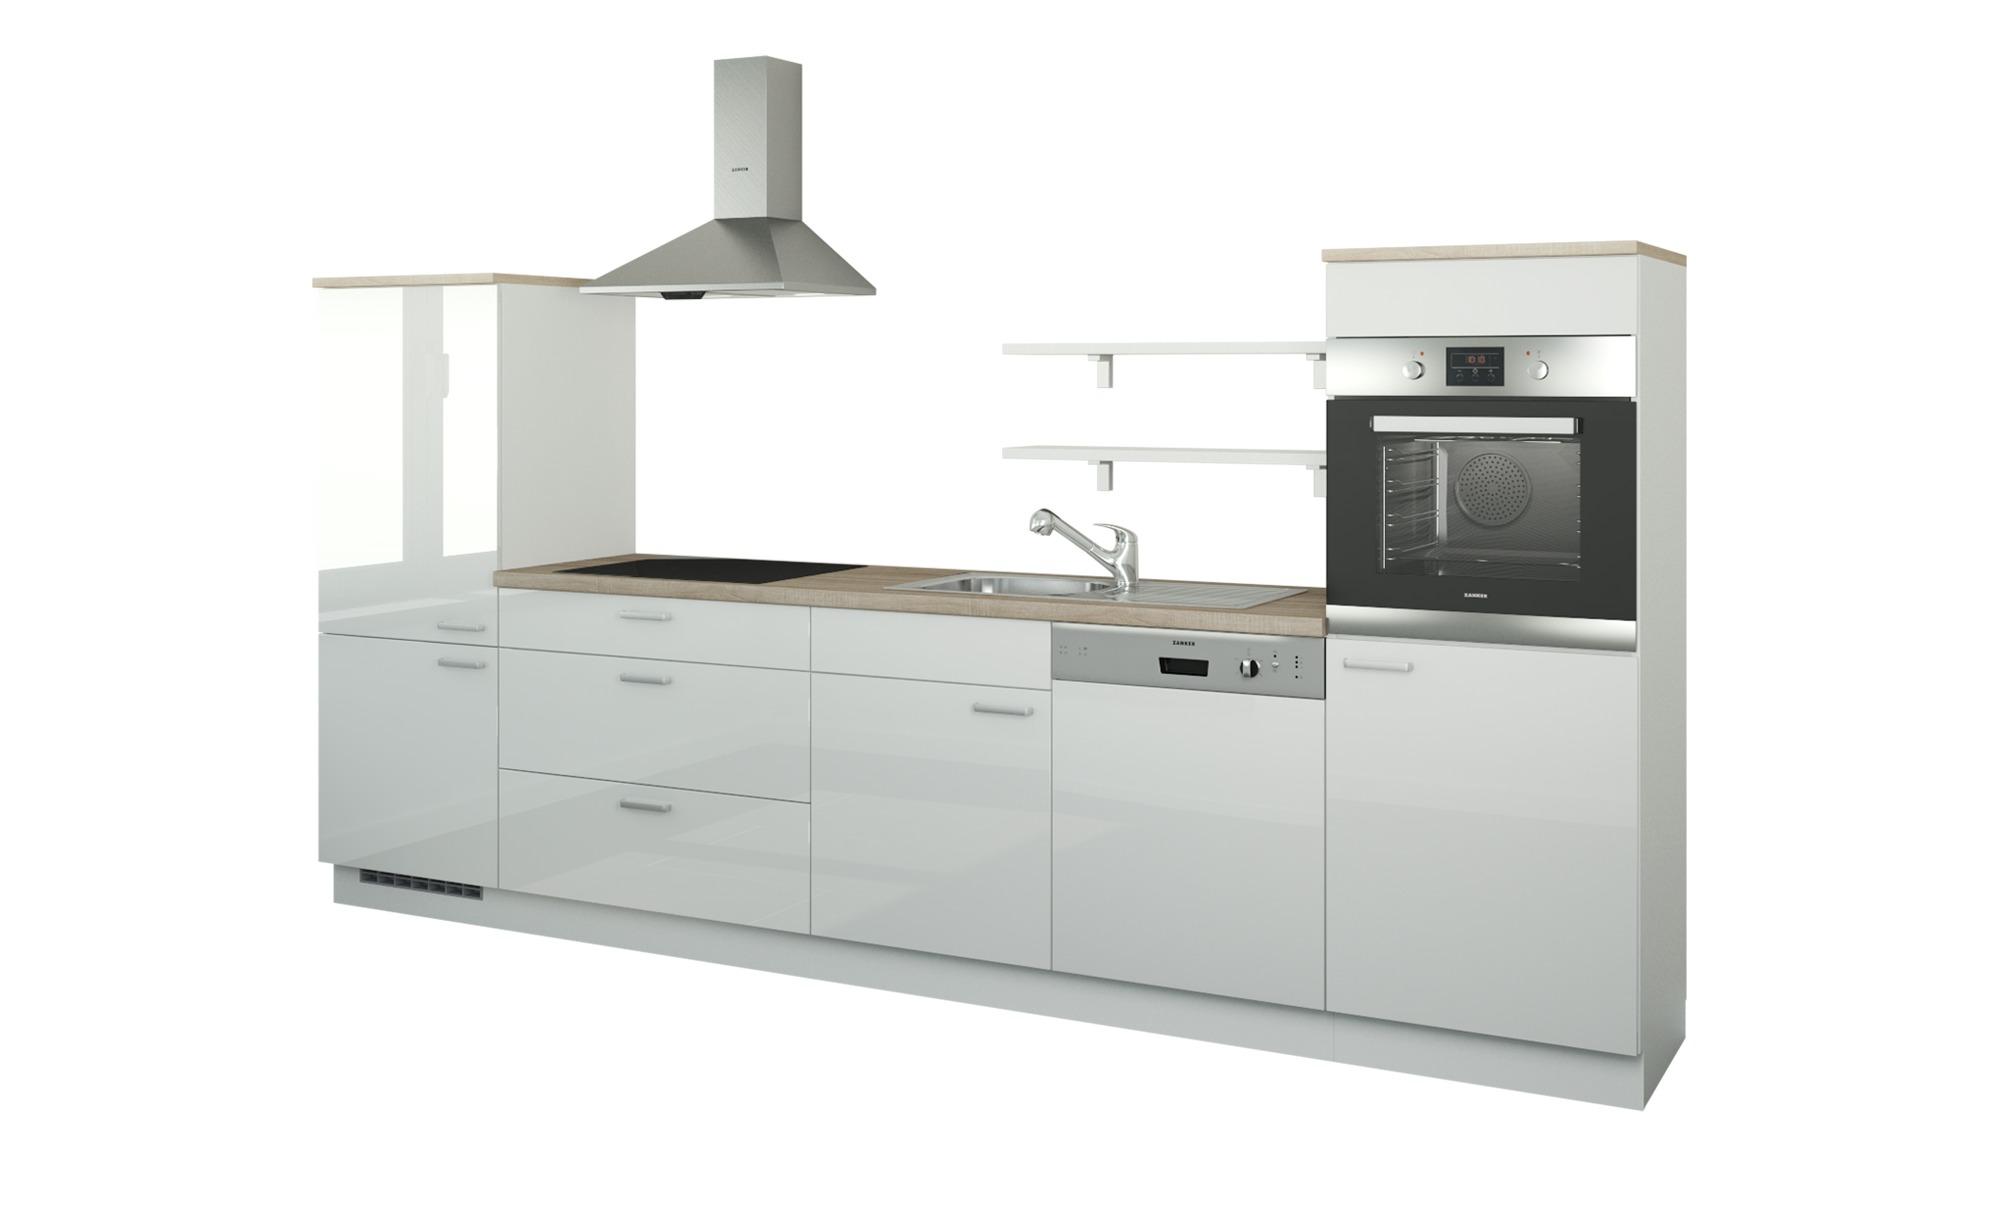 Küchenzeile ohne Elektrogeräte  Kassel ¦ weiß ¦ Maße (cm): B: 330 Küchen > Küchenblöcke ohne E-Geräte - Höffner